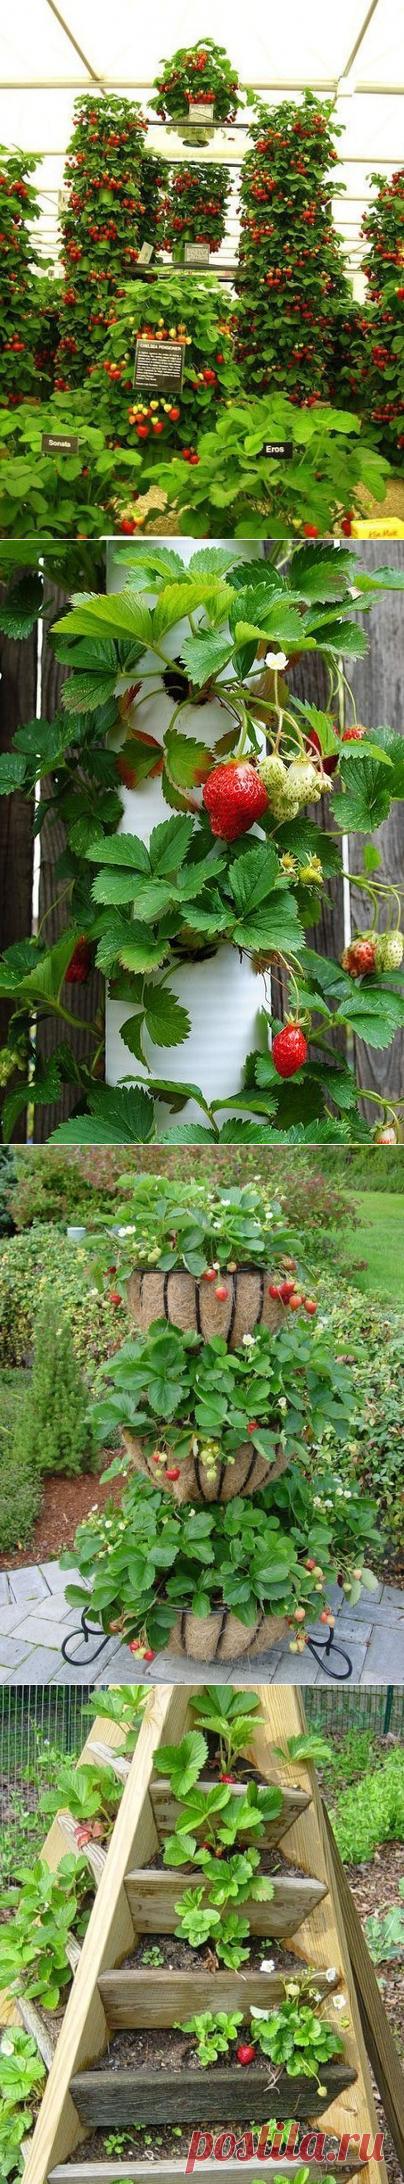 Вертикальный способ выращивания клубники